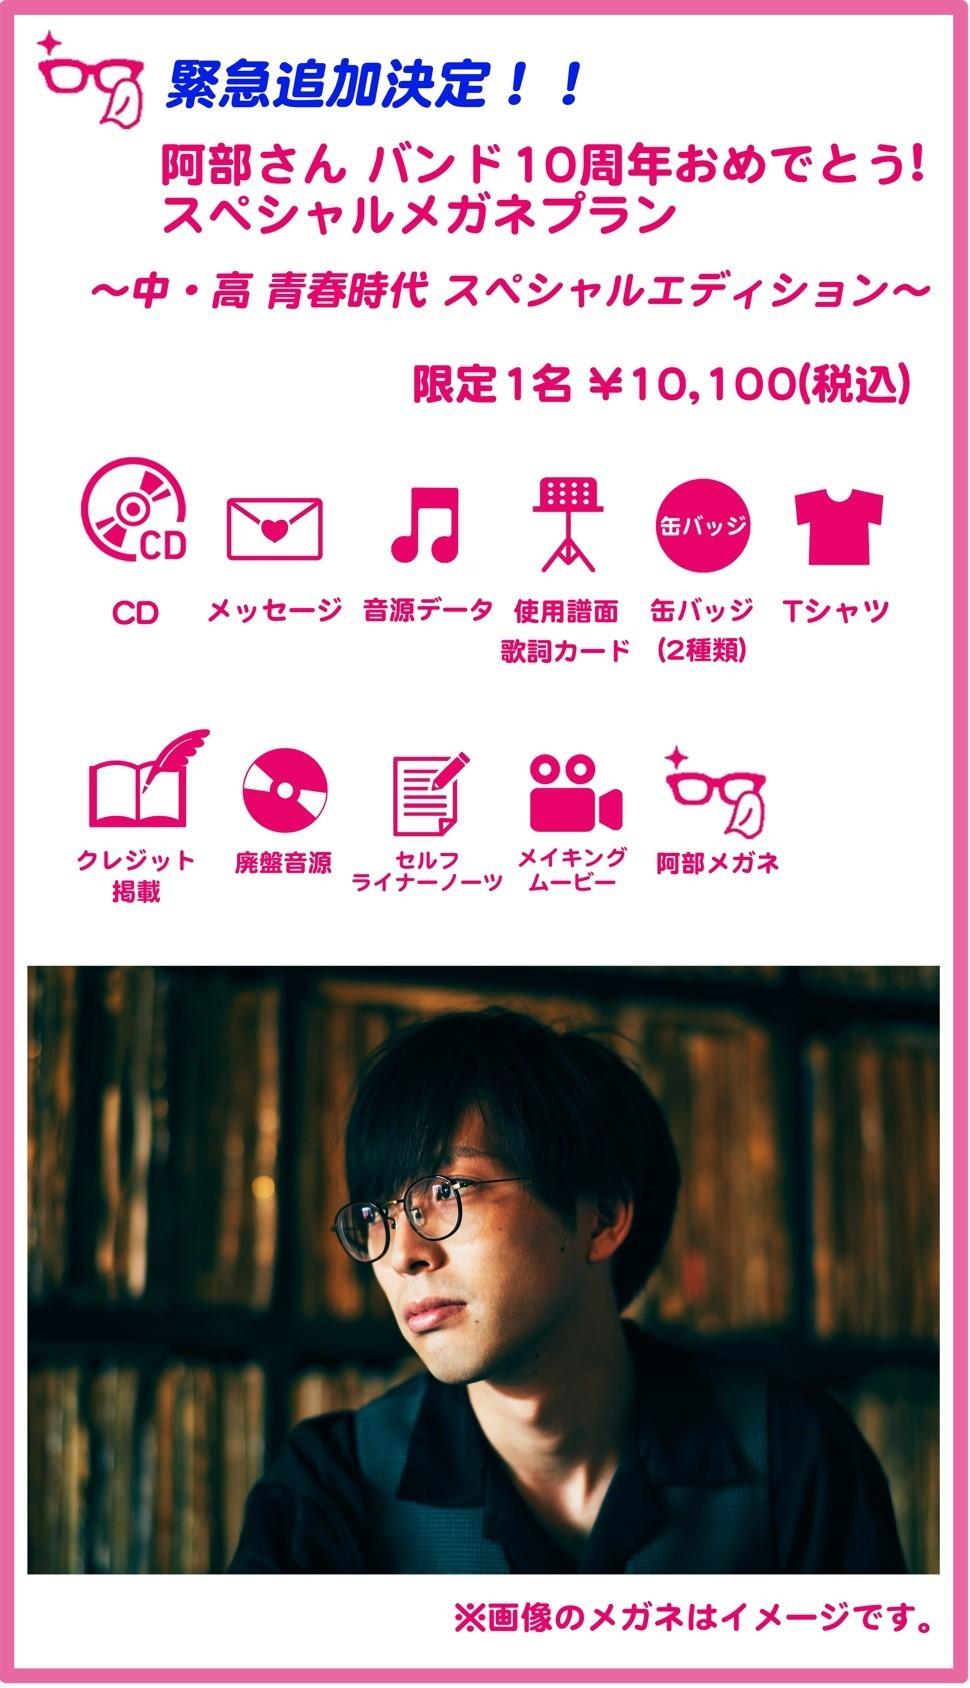 【緊急追加決定!】阿部さんバンド10周年おめでとう!スペシャルメガネプラン〜中・高 青春時代スペシャルエディション〜